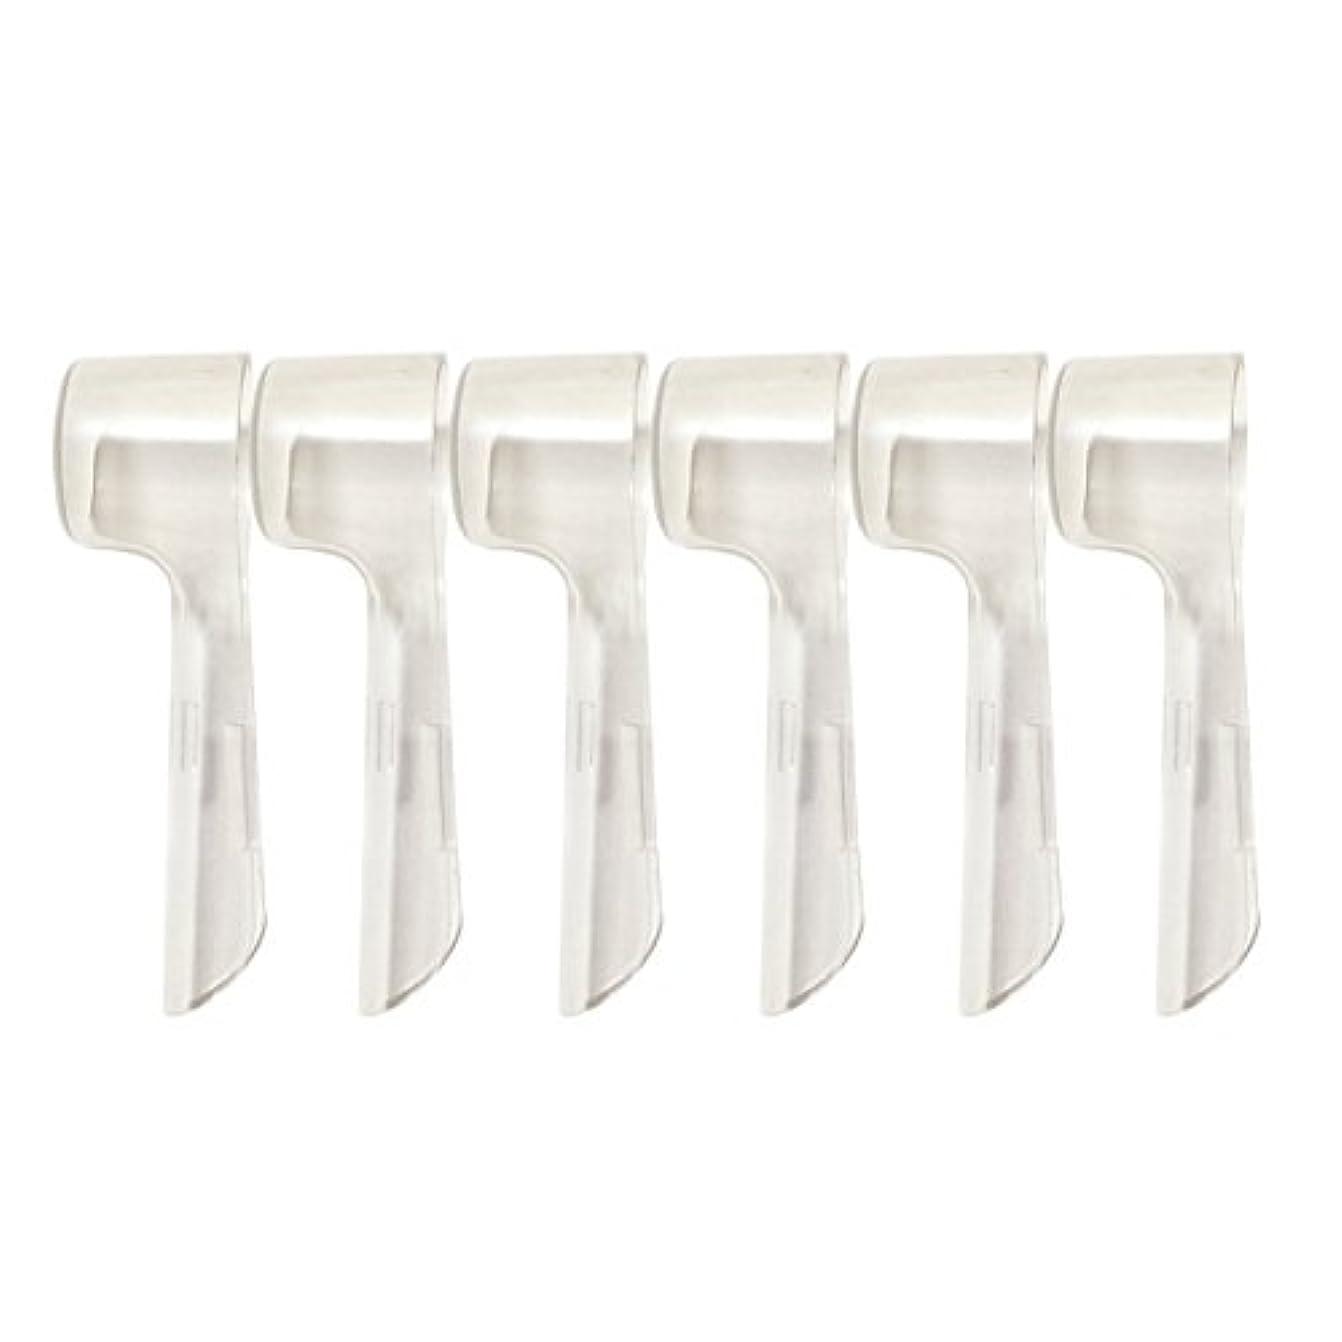 描写気体のピンチSUPVOX 旅行のために便利な電動歯ブラシのための12本の歯ブラシのヘッドカバー